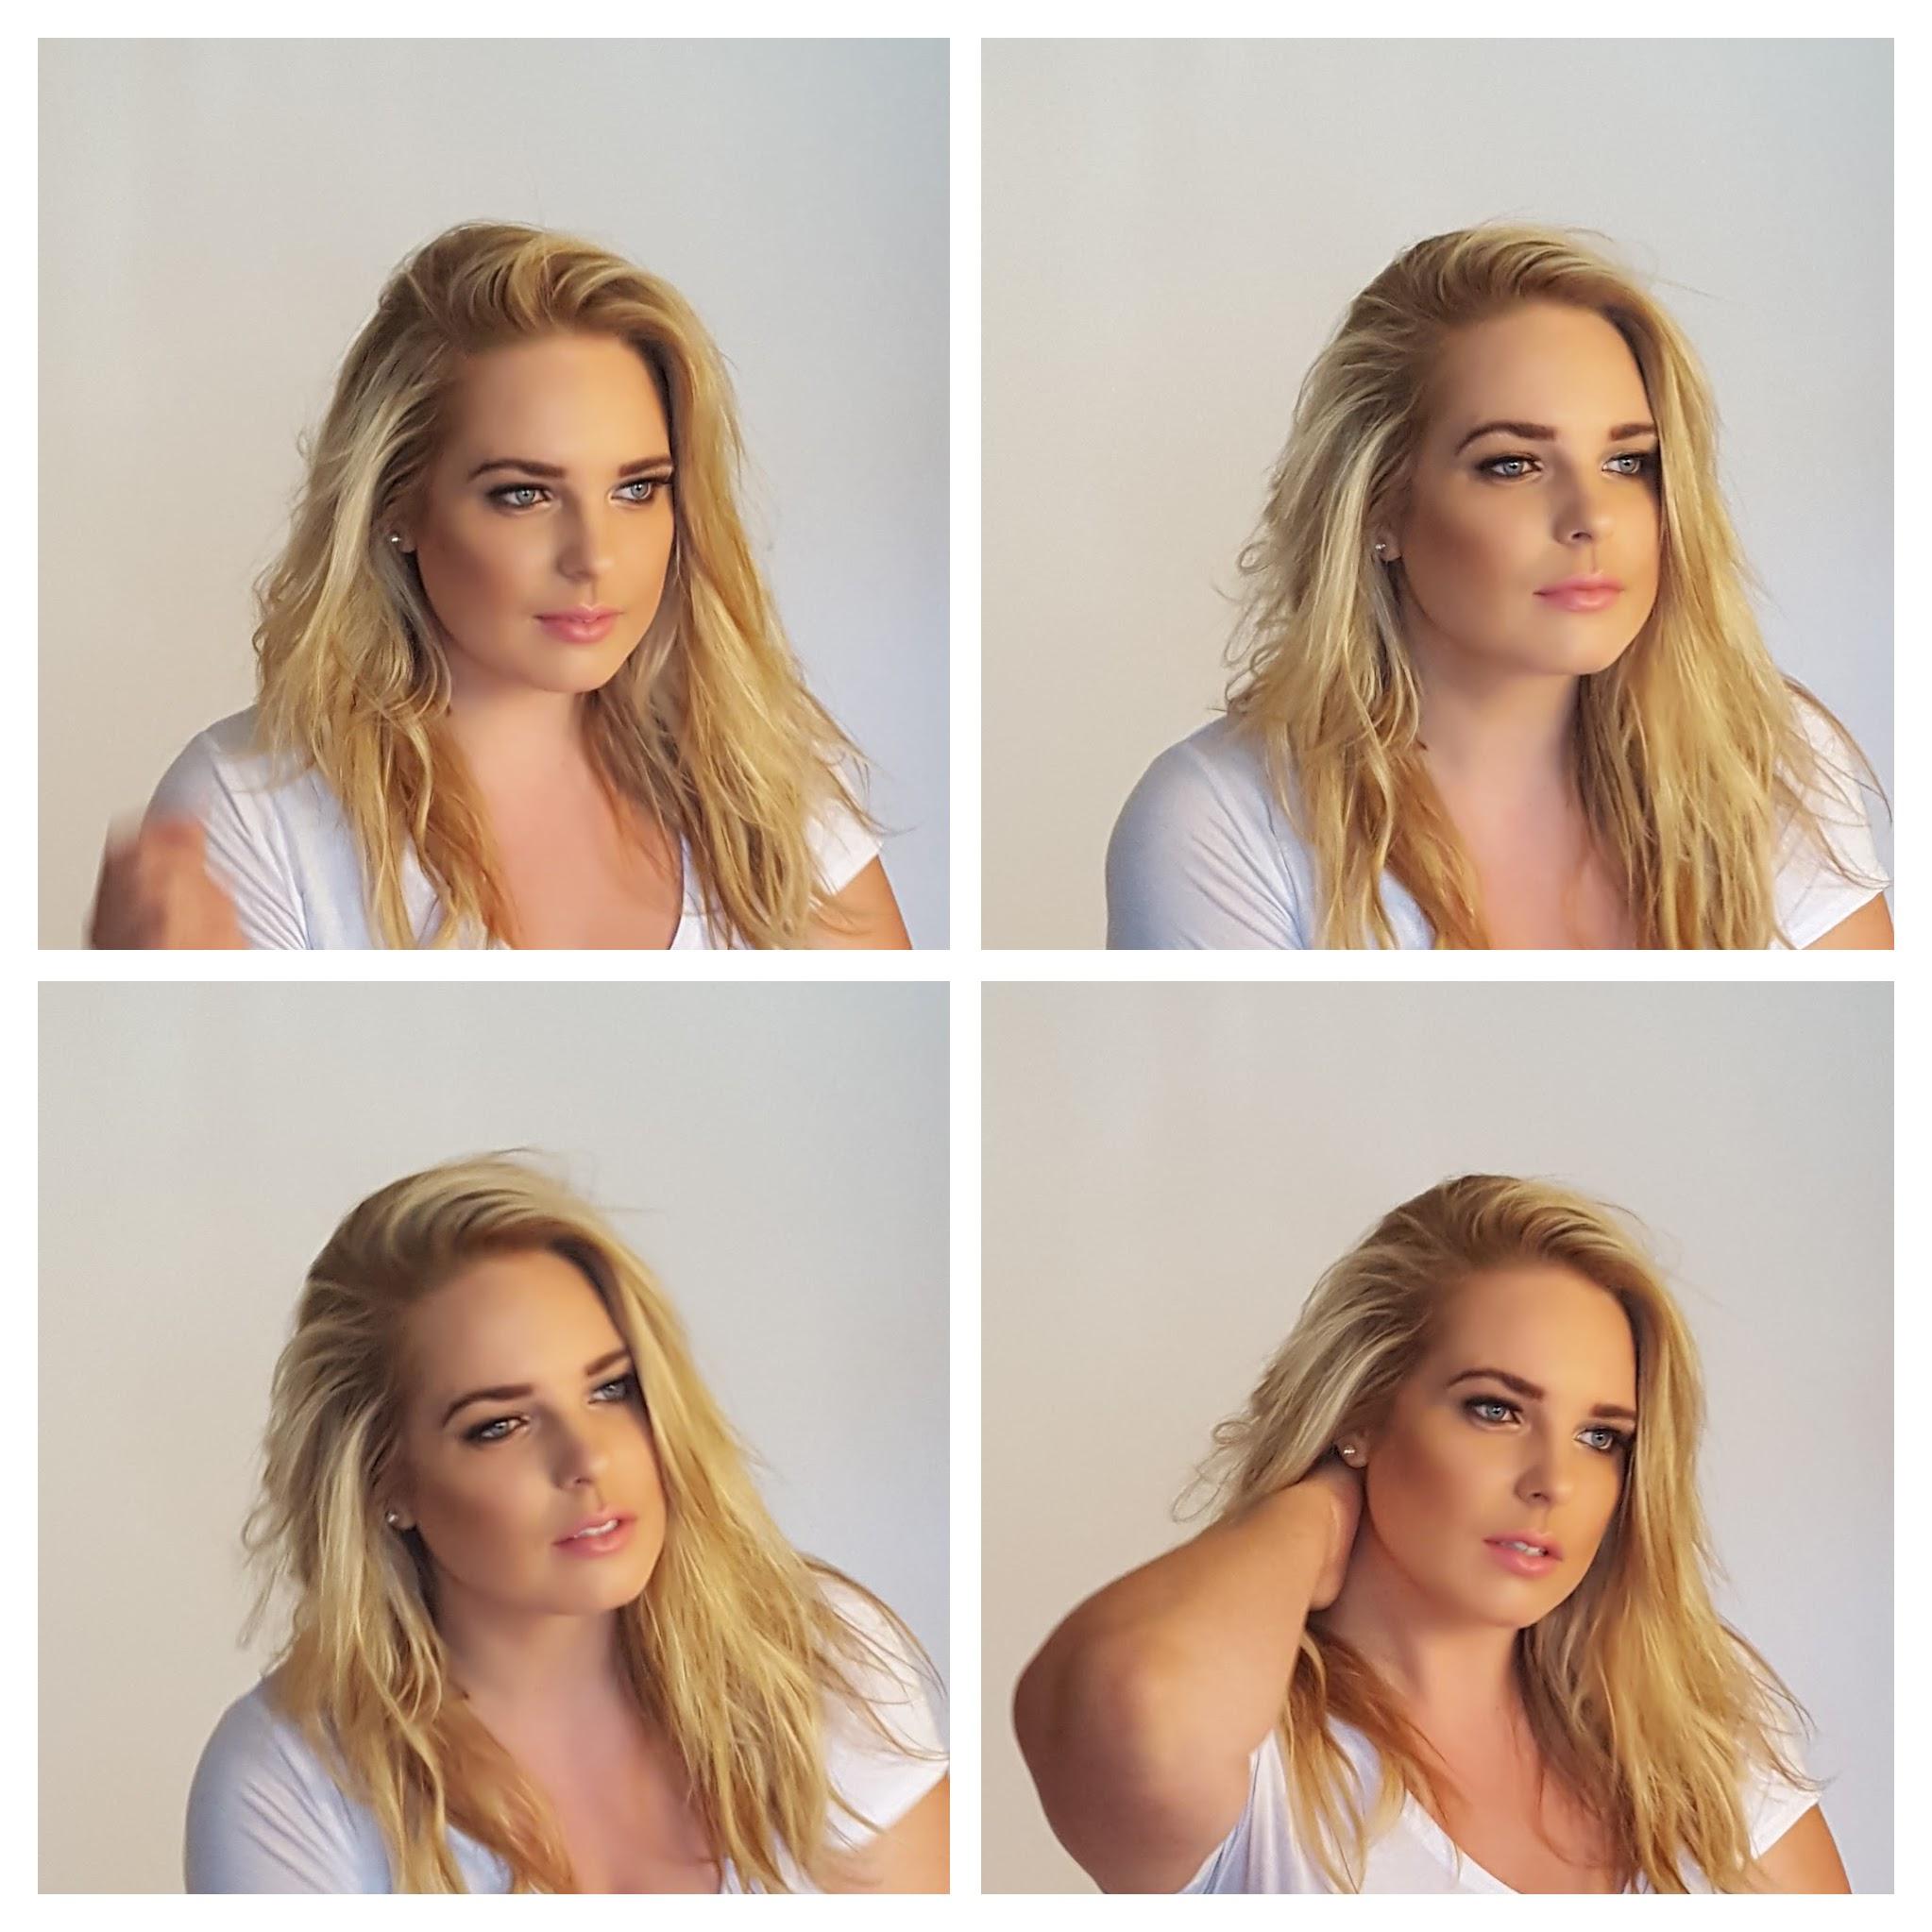 Makeup Look 4